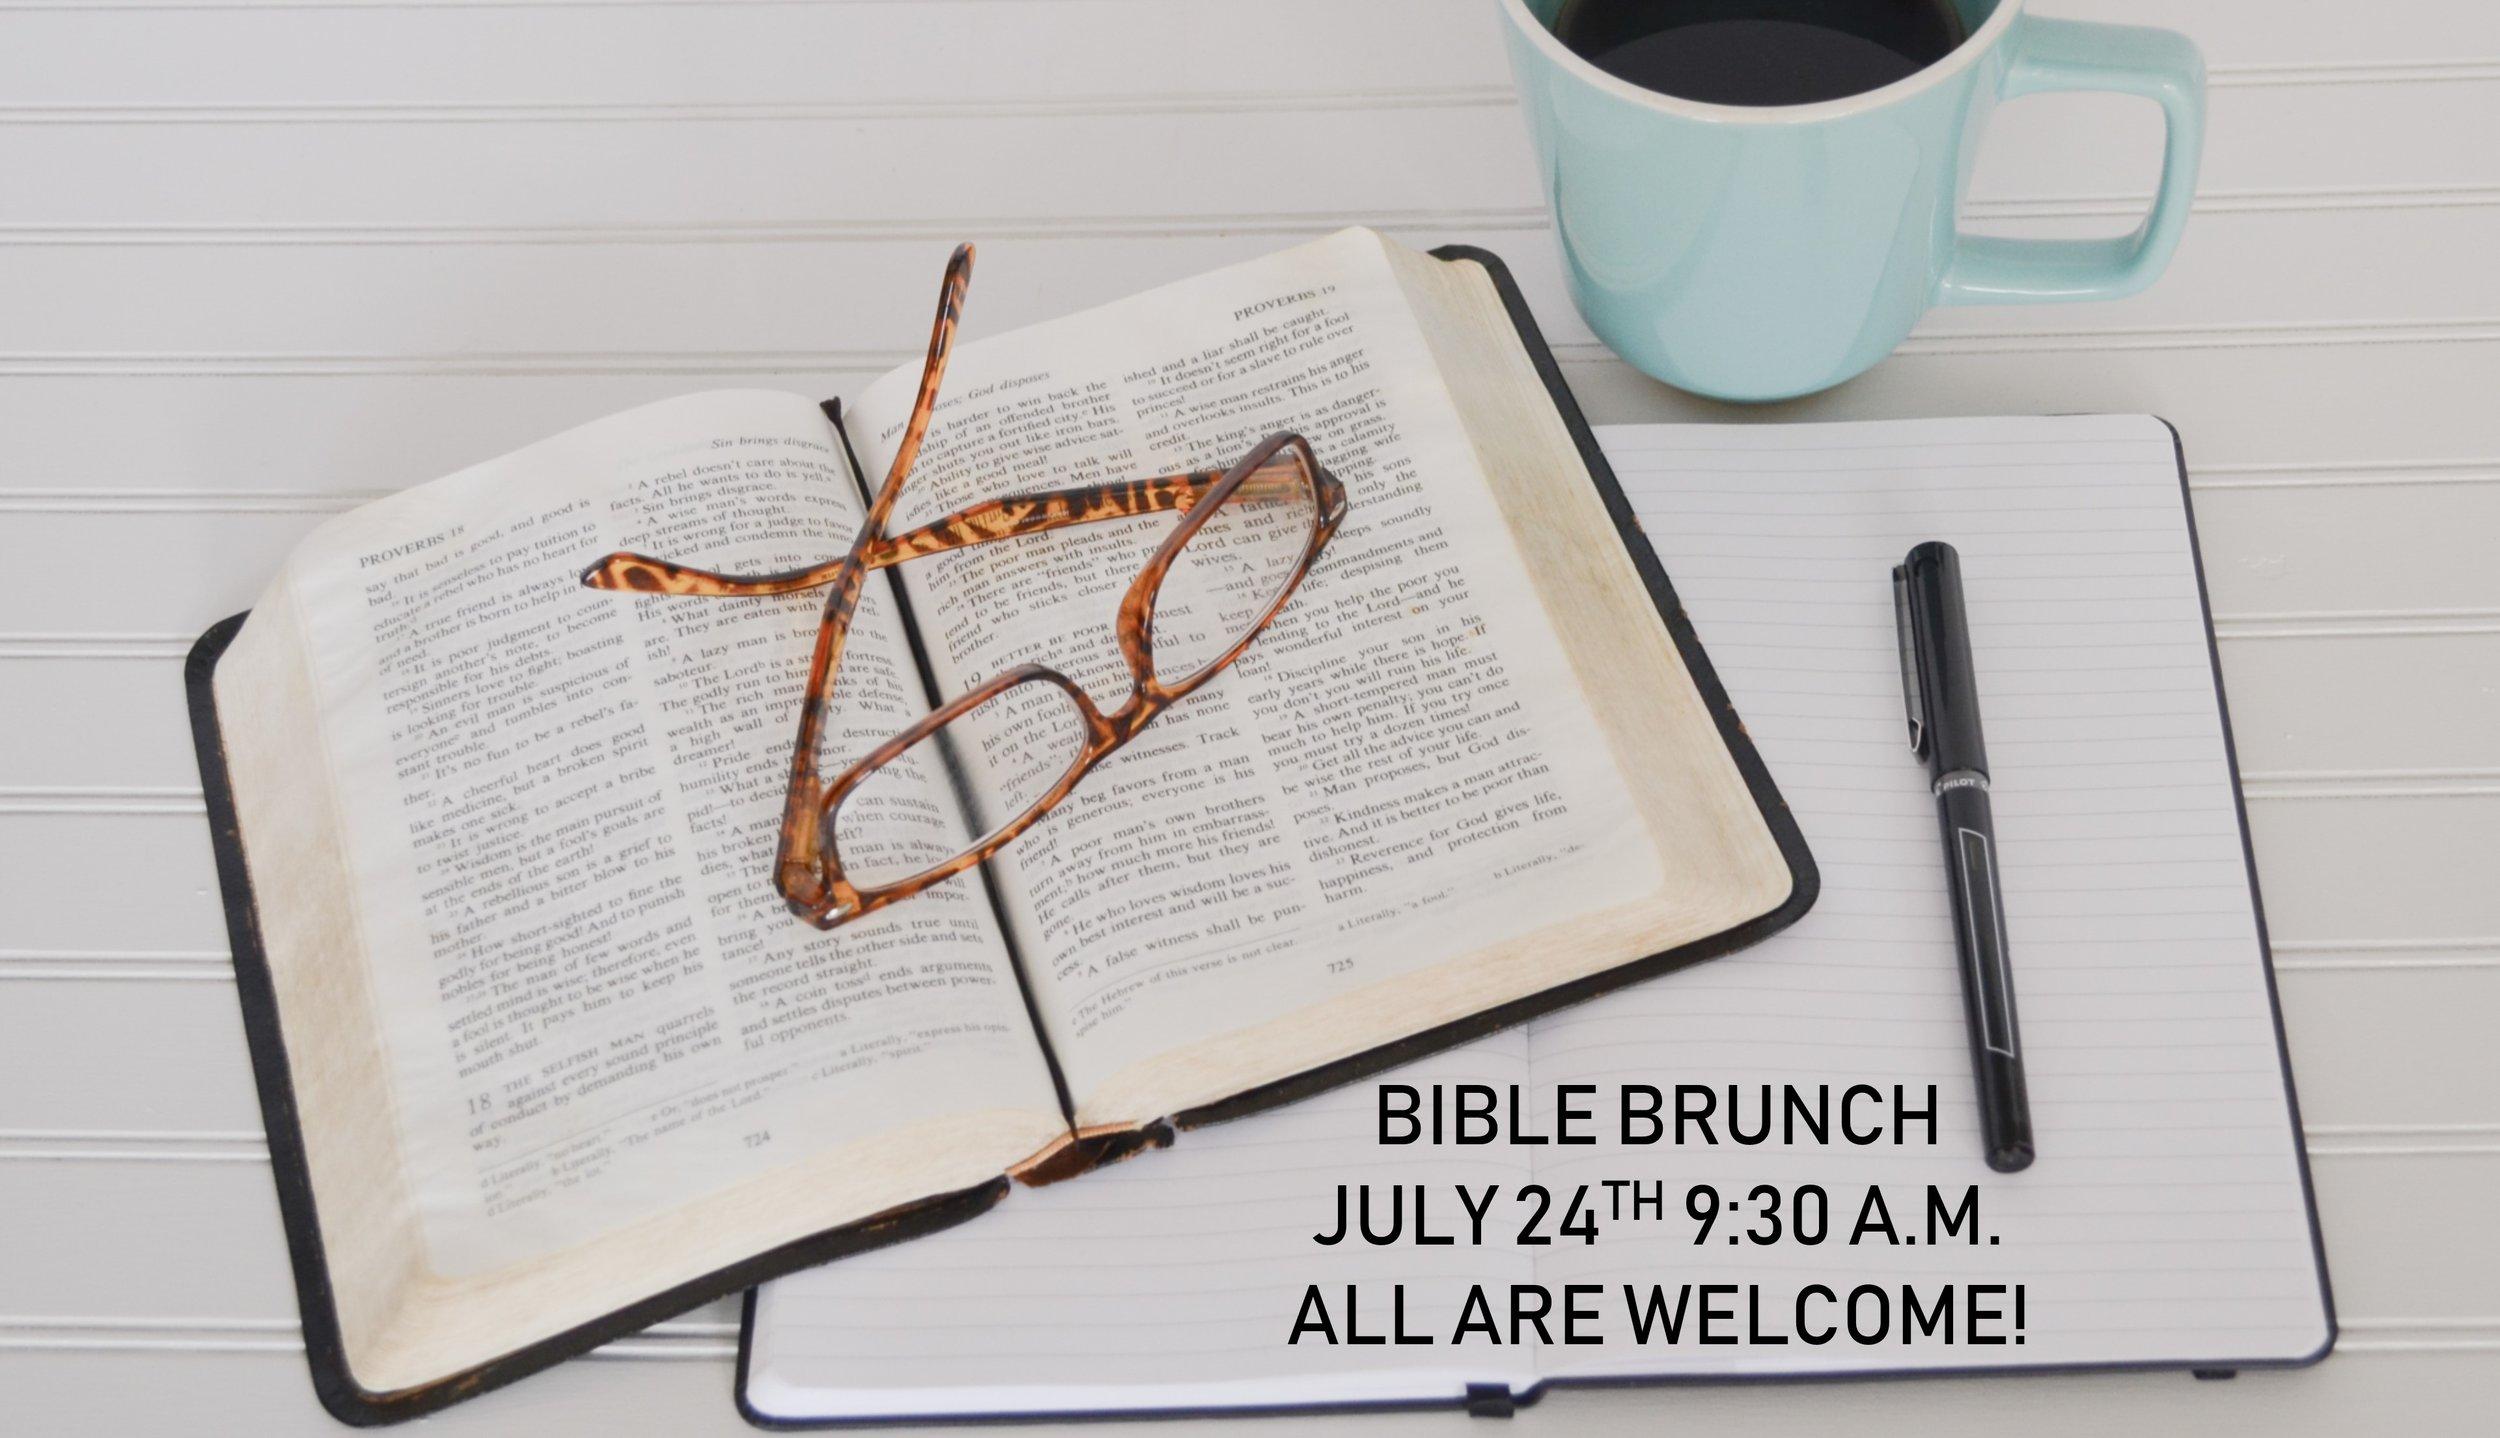 BIBLE BRUNCH.jpg